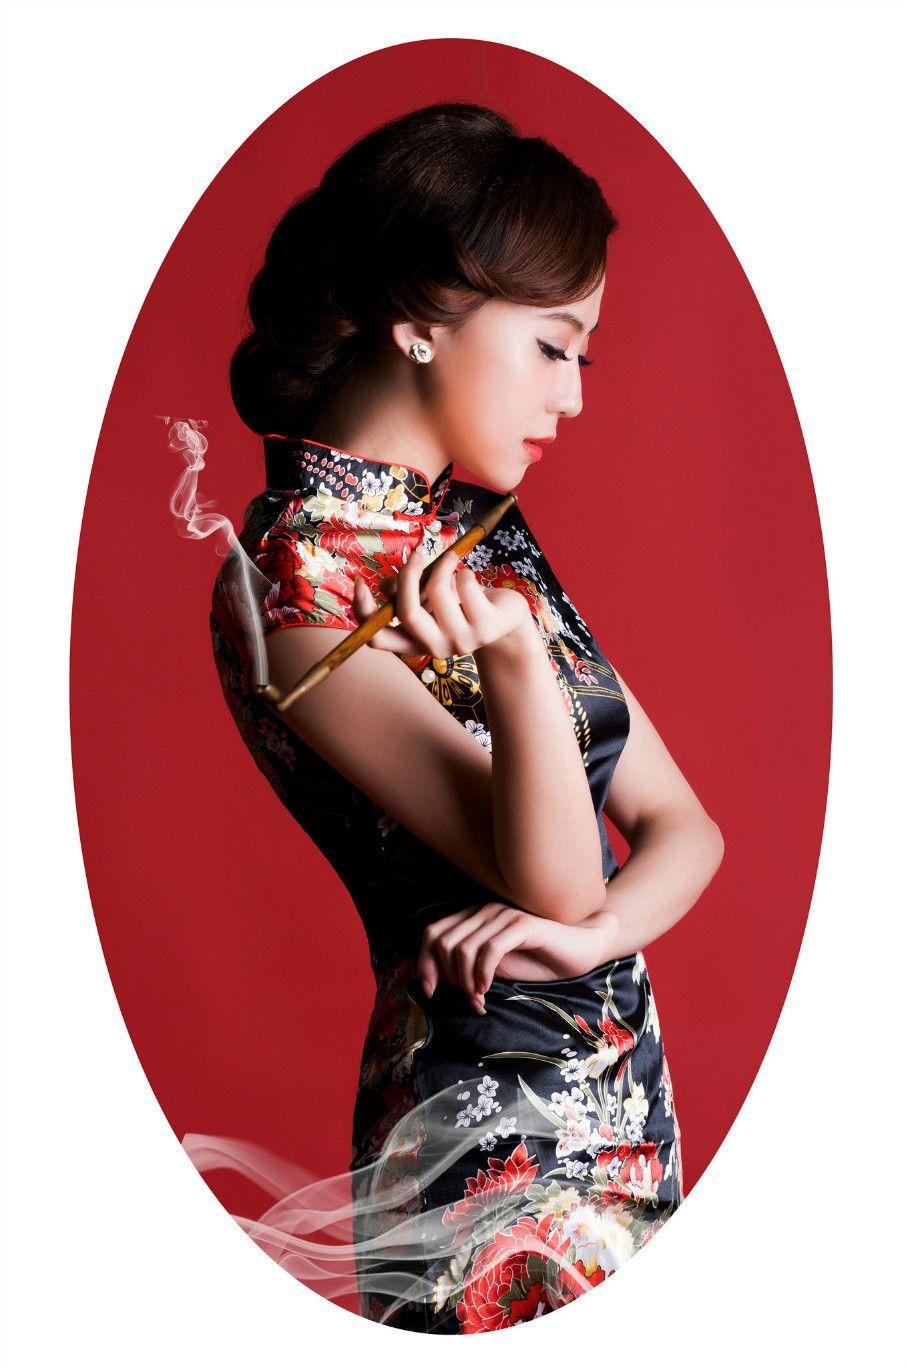 东方雅韵【旗袍美女3组】 - 我是一片云 -             我是一片云